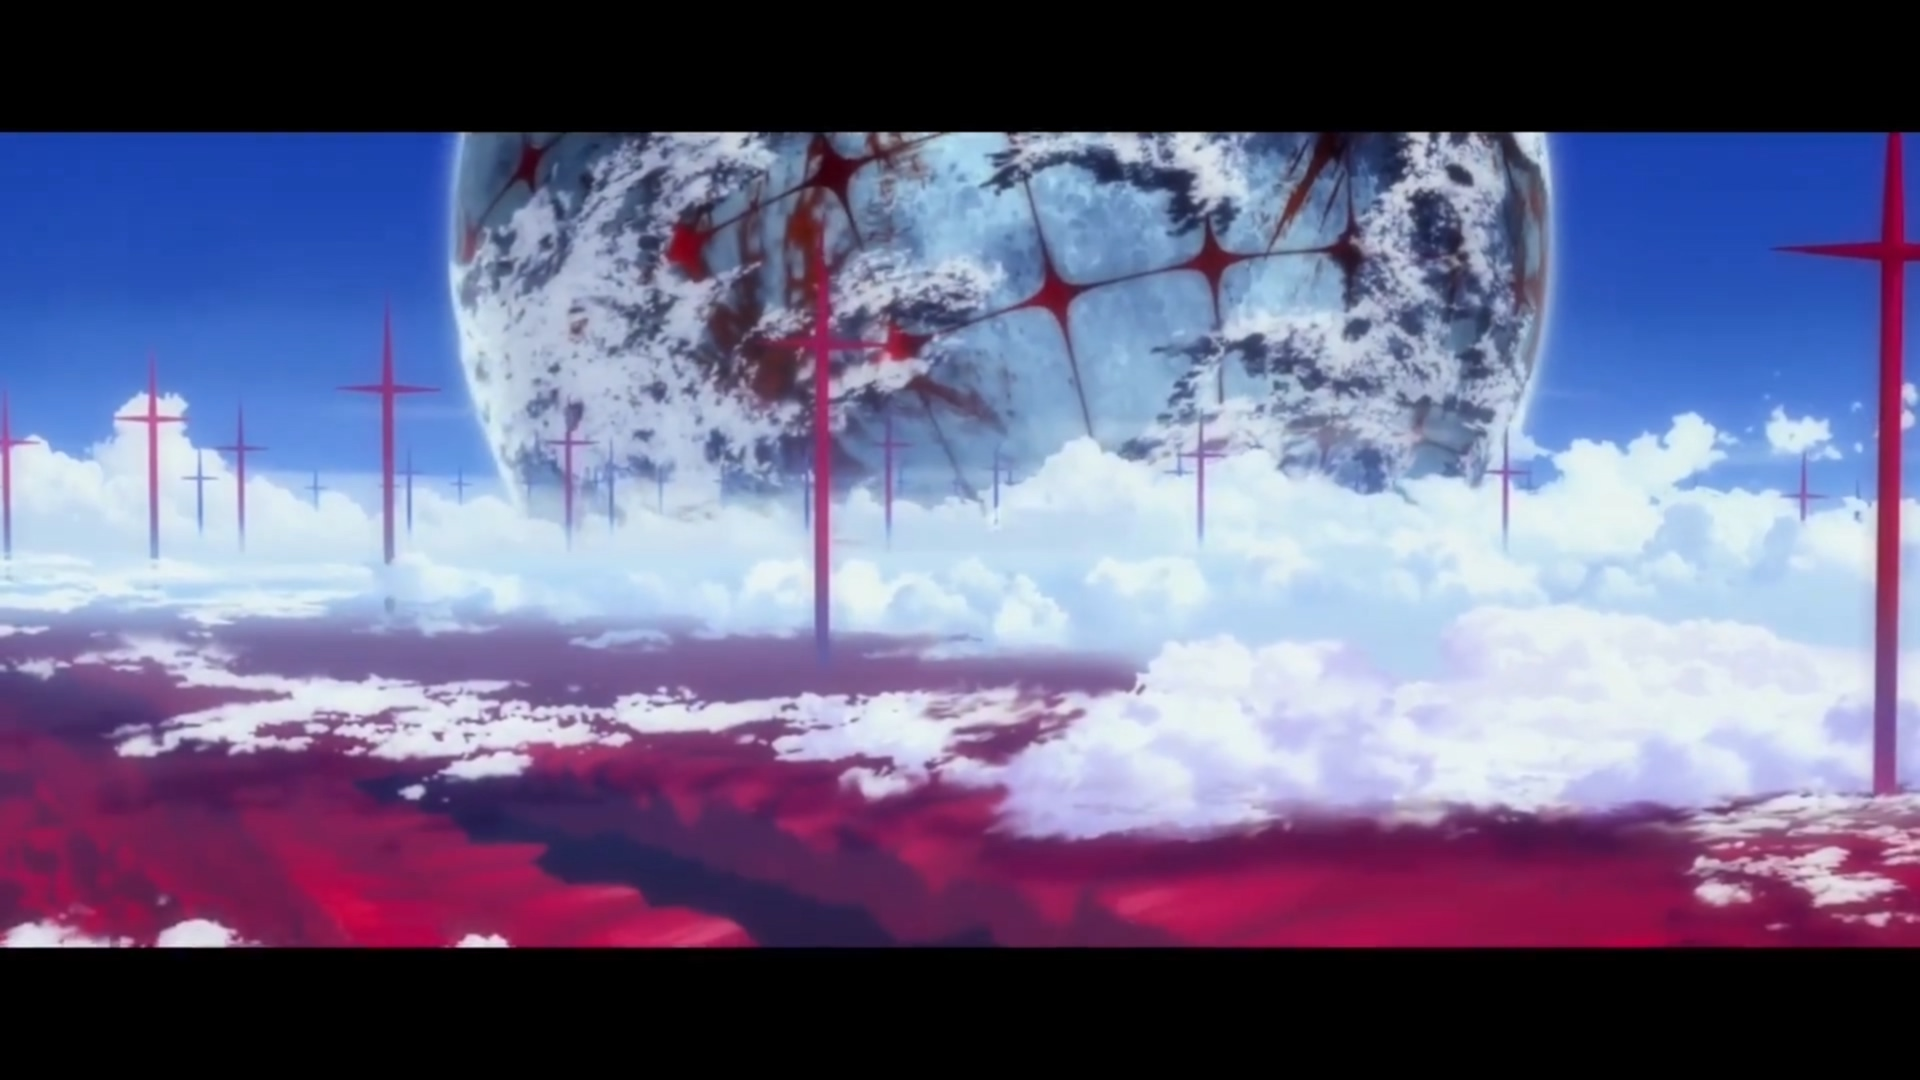 庵野秀明剪辑 新世纪福音战士新剧场版 摘要影像! khara ACG资讯 第2张